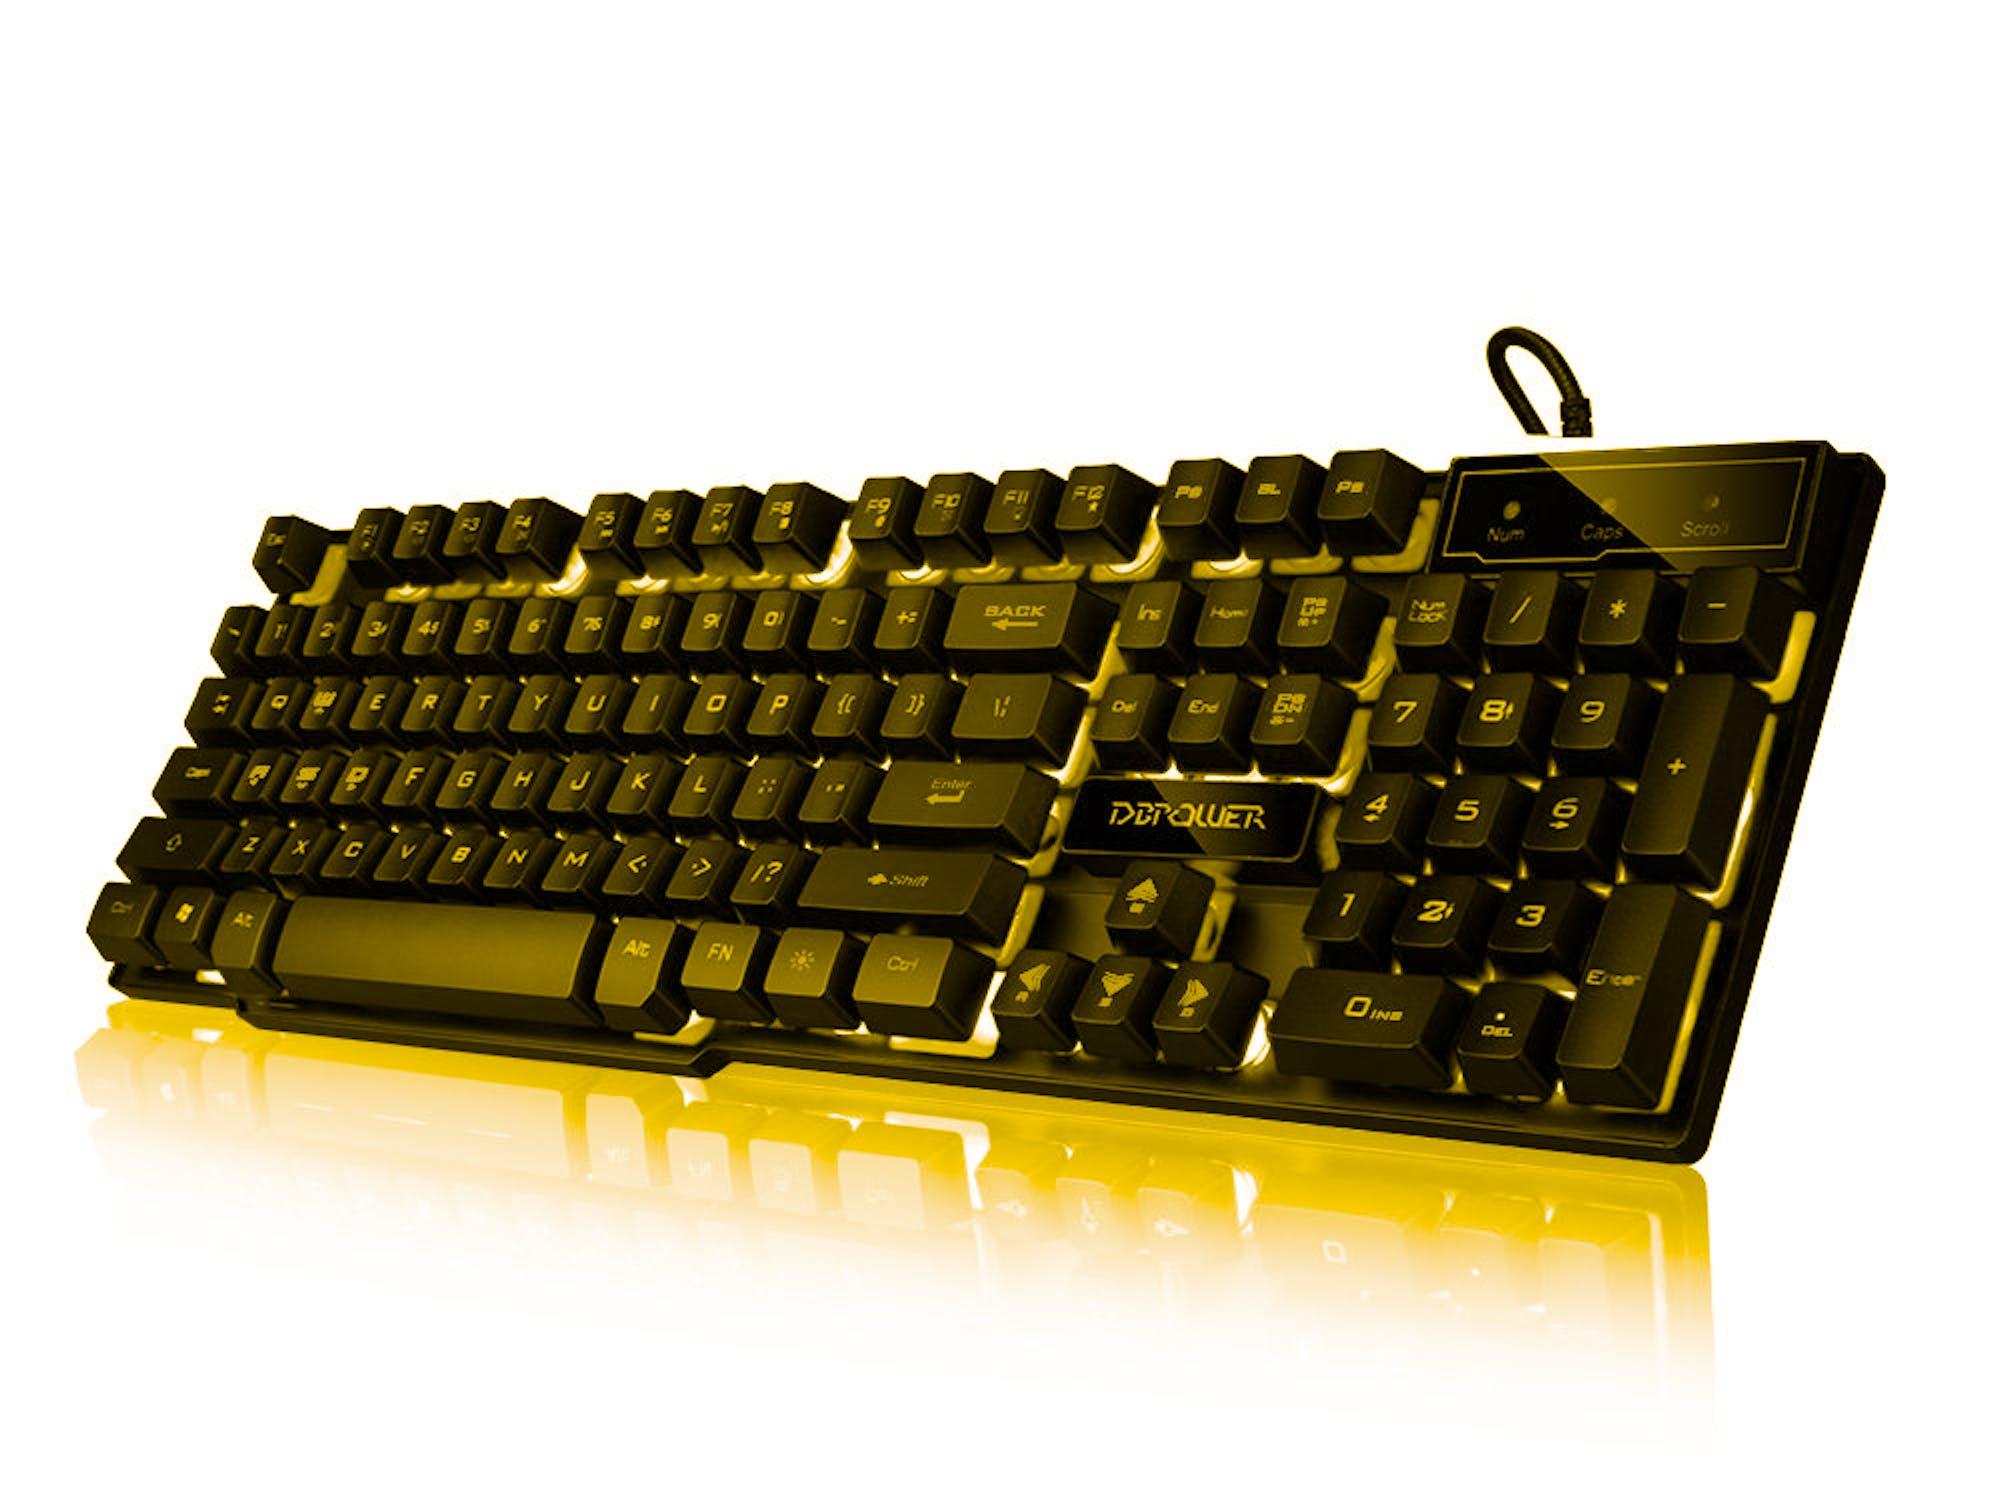 DBpower keyboard